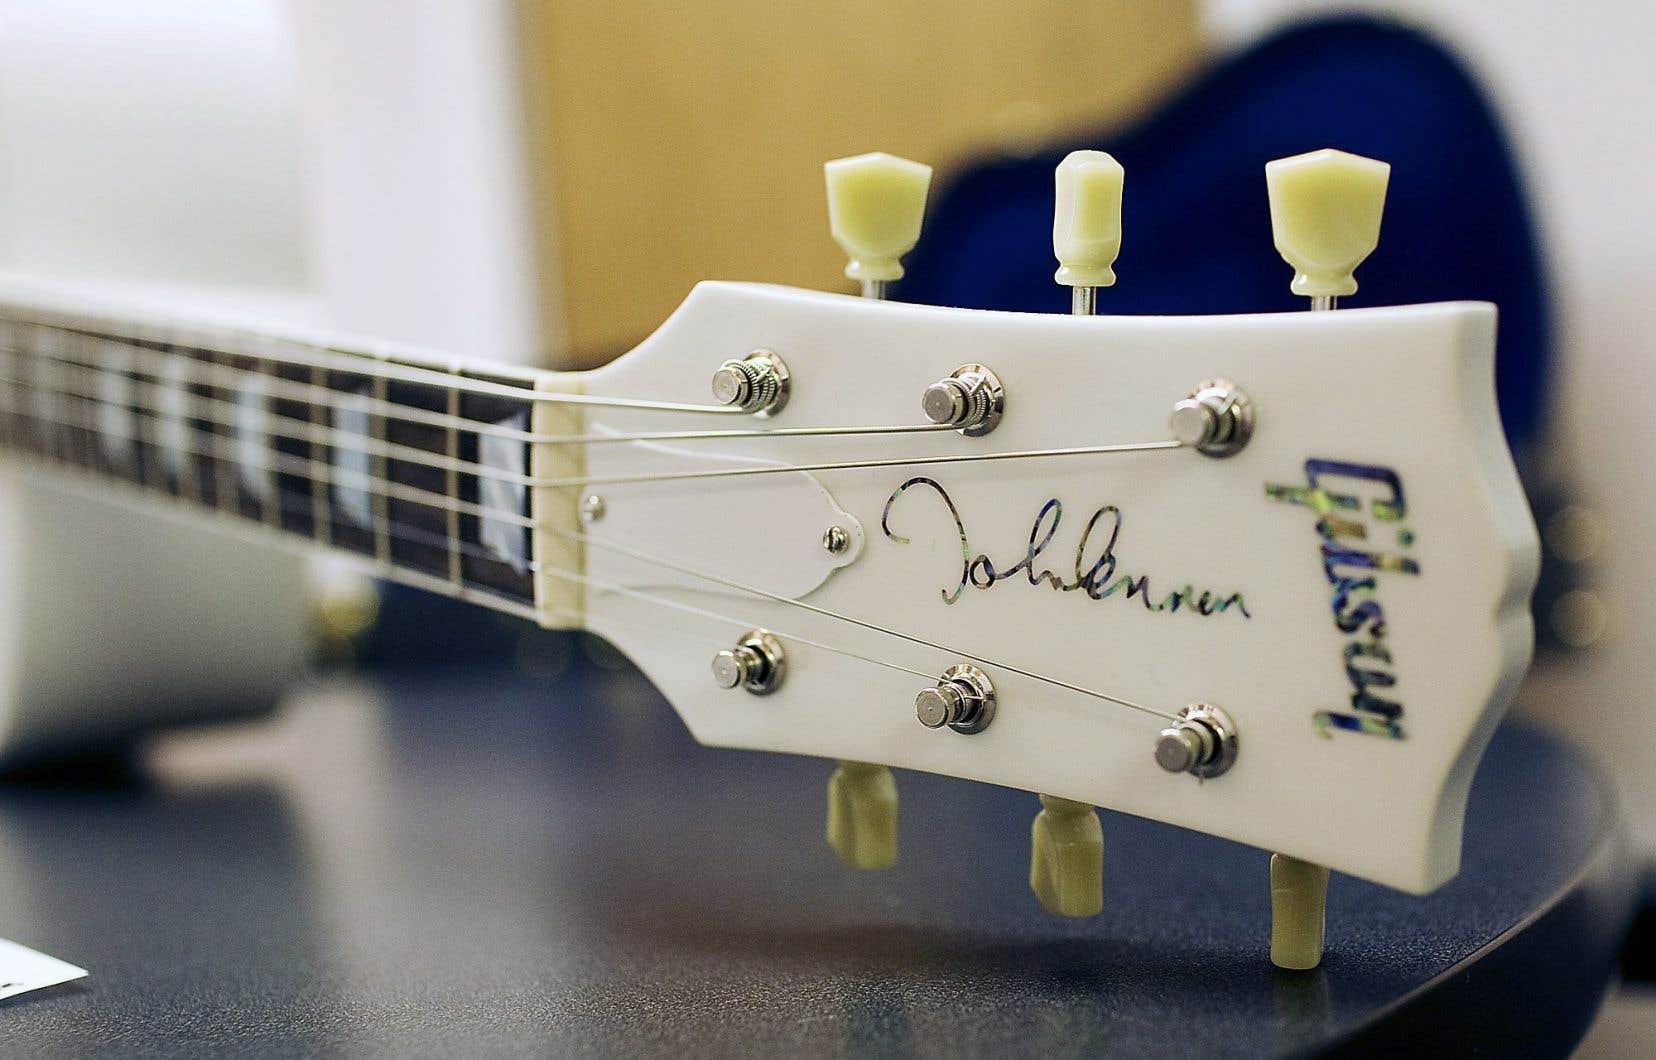 En 2010, Gibson a fabriqué 70 modèles de guitares blanches «Imagine» afin d'honorer ce qui aurait été le 70e anniversaire de John Lennon.